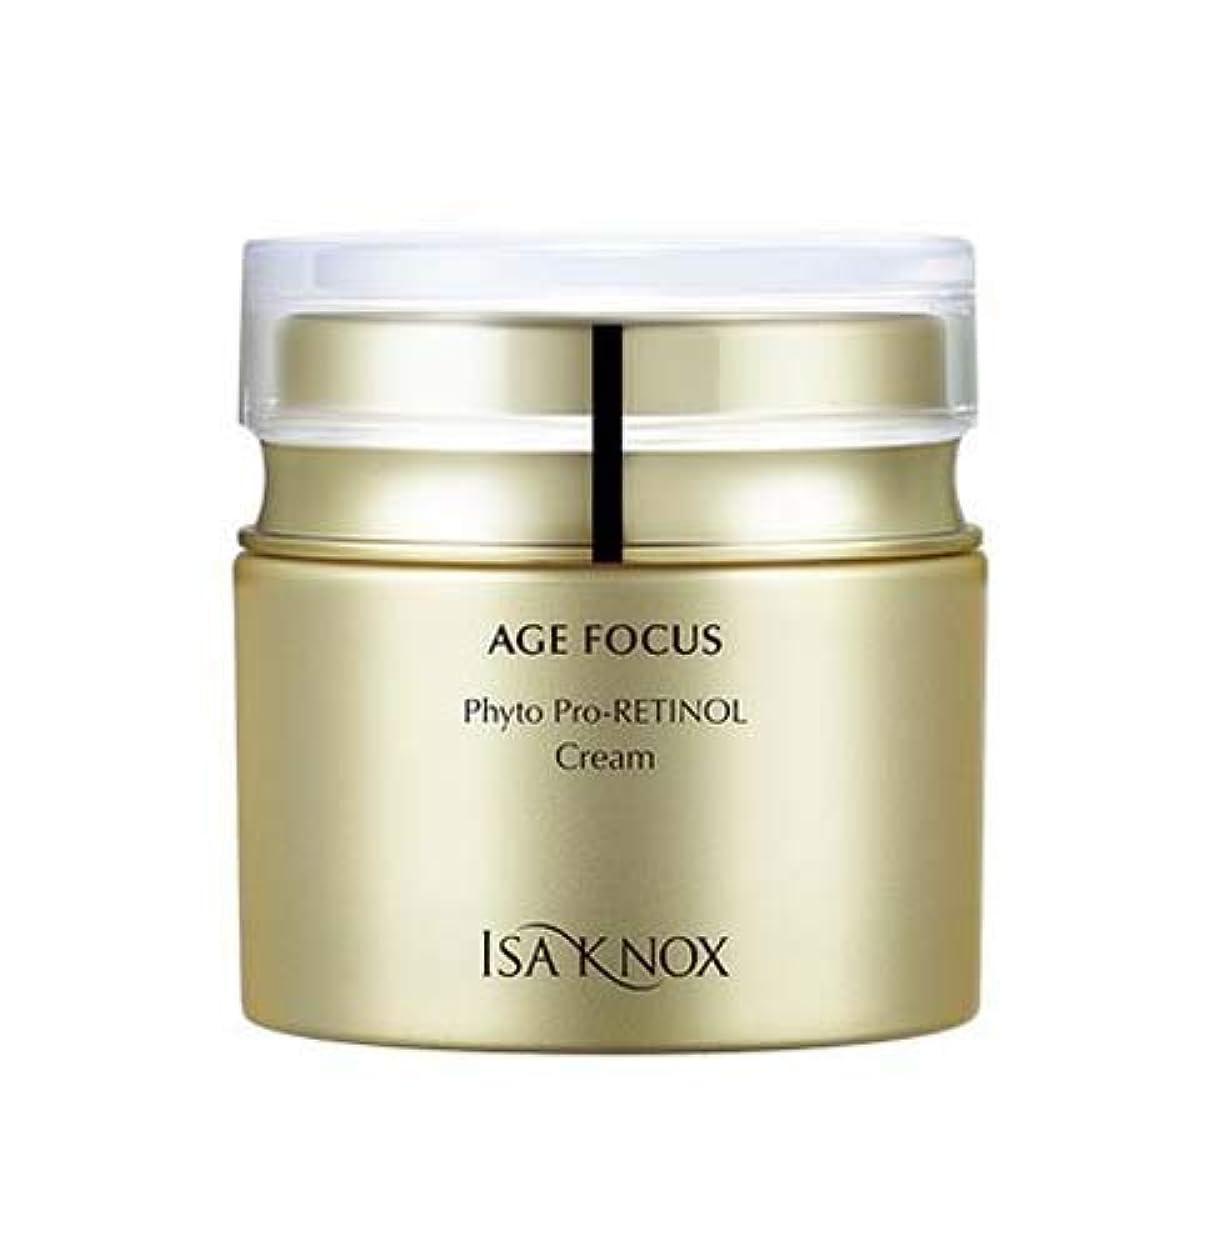 弱まる一元化するランチ[イザノックス] ISA KNOX [エイジフォーカス フィト プロレチノール クリーム 50ml] AGE FOCUS Pro-Retinol Cream 50ml [海外直送品]